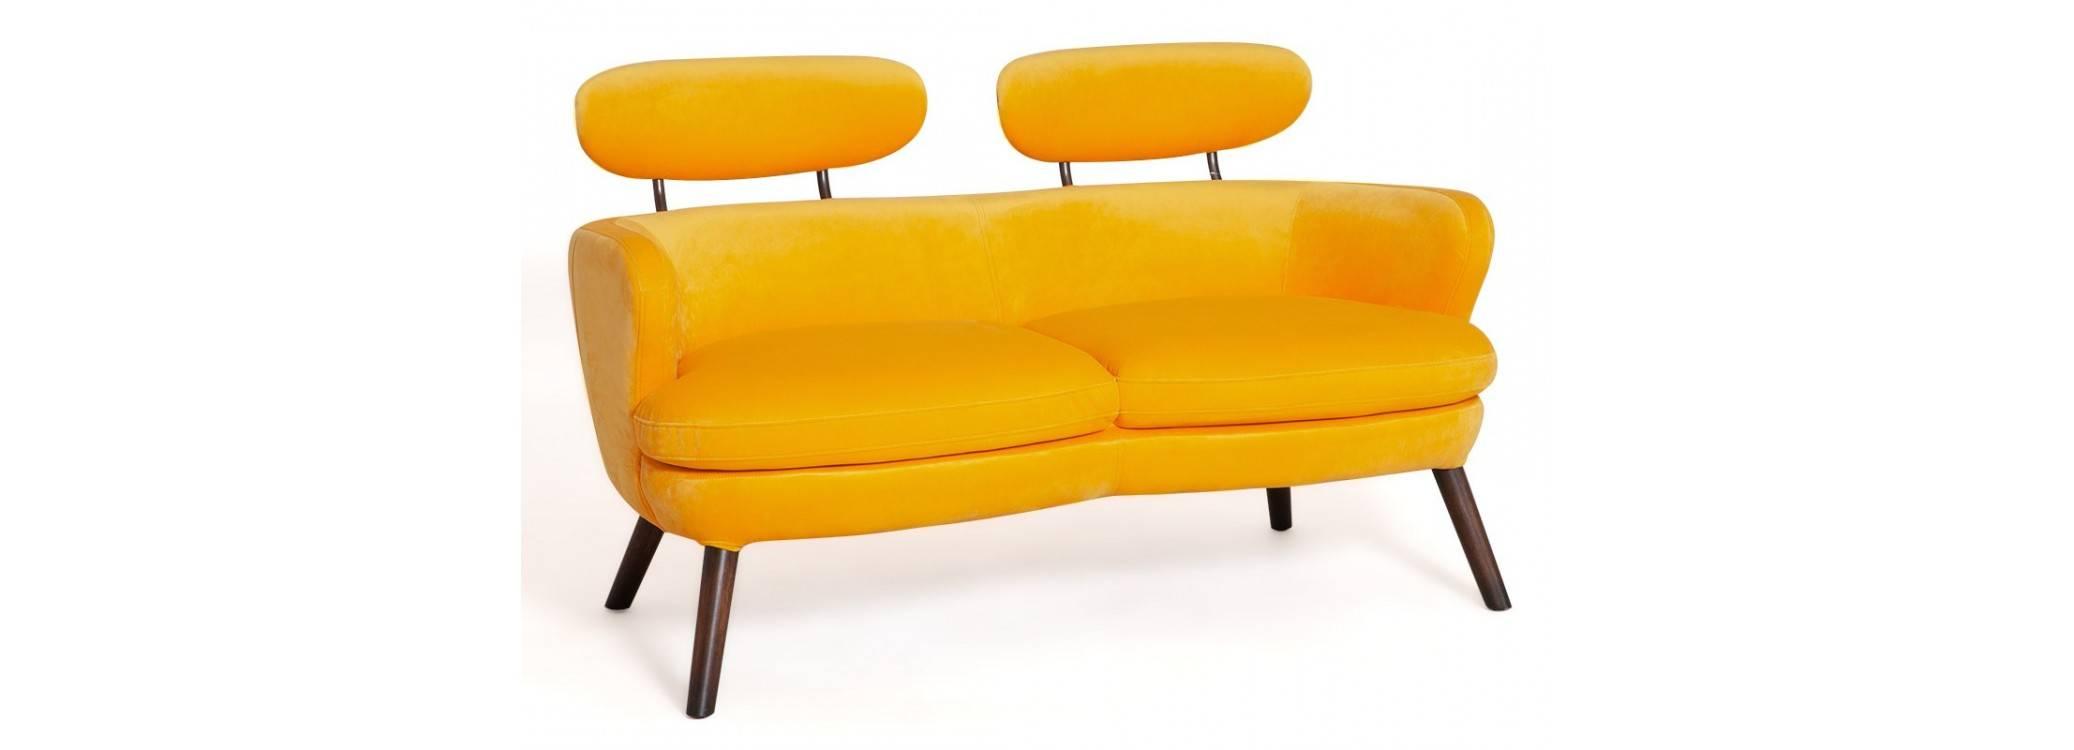 Canapé Rubis - 2 places - velours jaune orangé